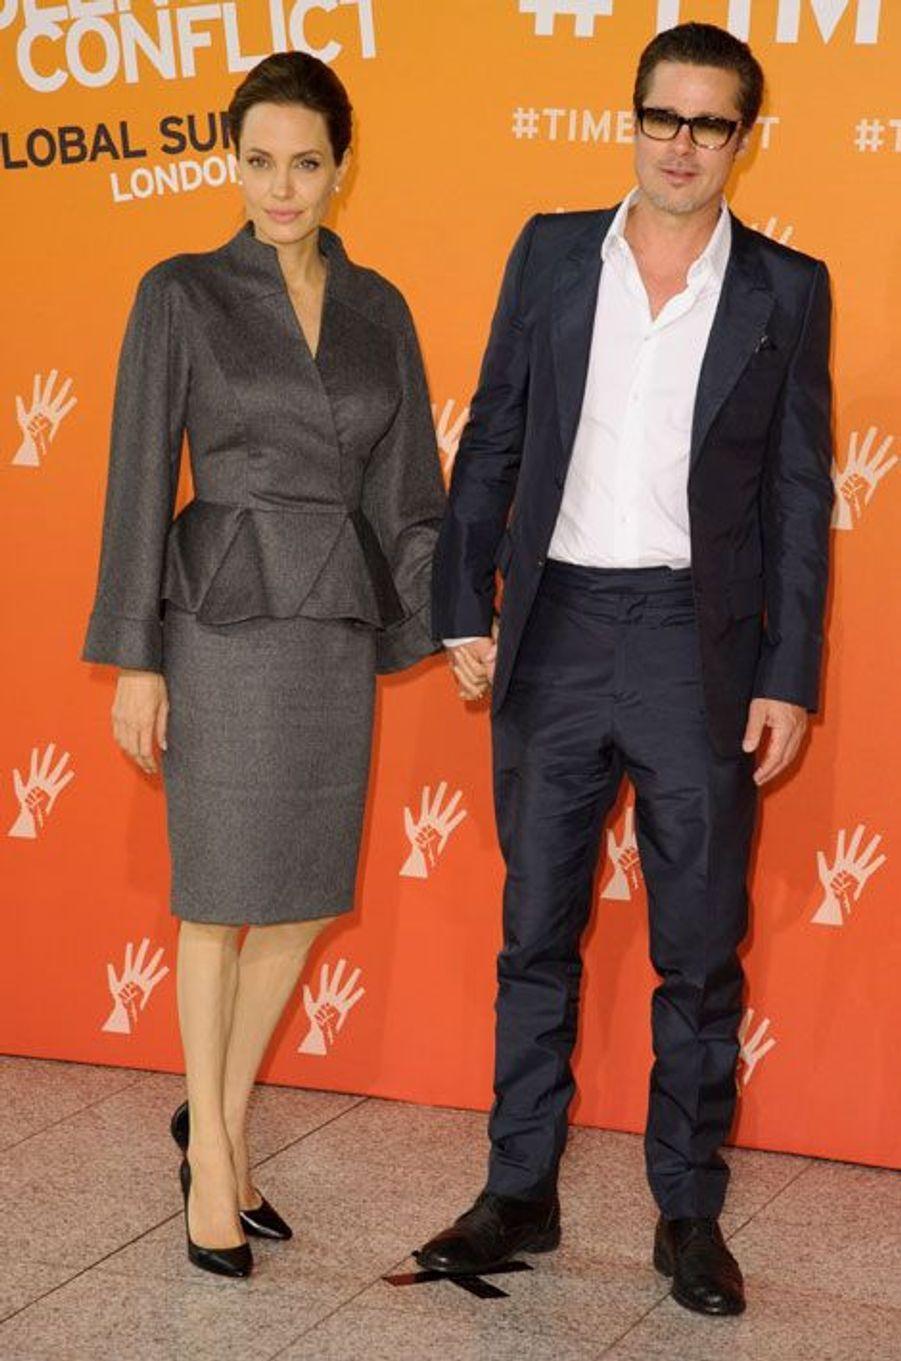 La chemise faussement classique : Angelina Jolie en Atelier Versace à Londres, le 13 juin 2014